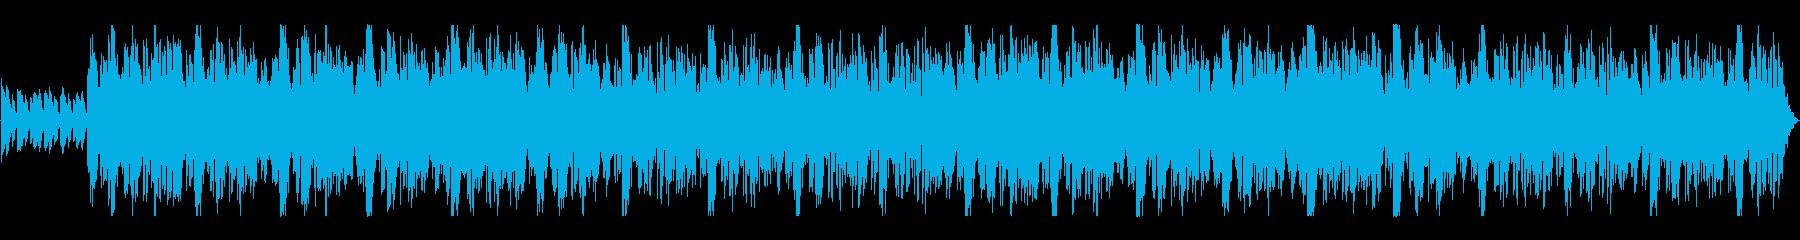 明るいストリングスの曲 春の再生済みの波形